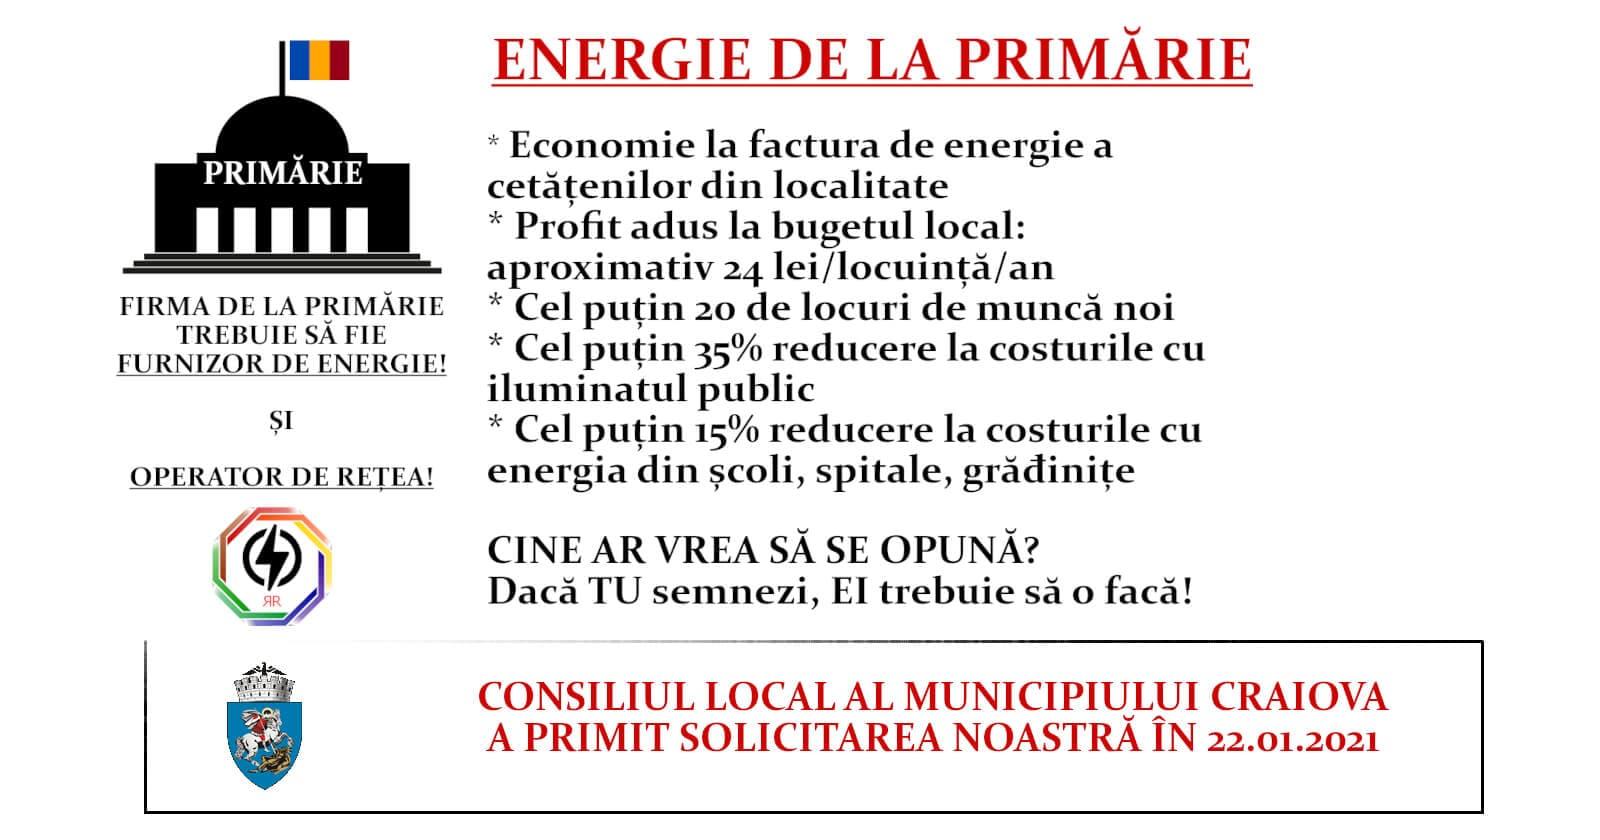 Solicitare adresată Consiliului Local al Municipiului Craiova